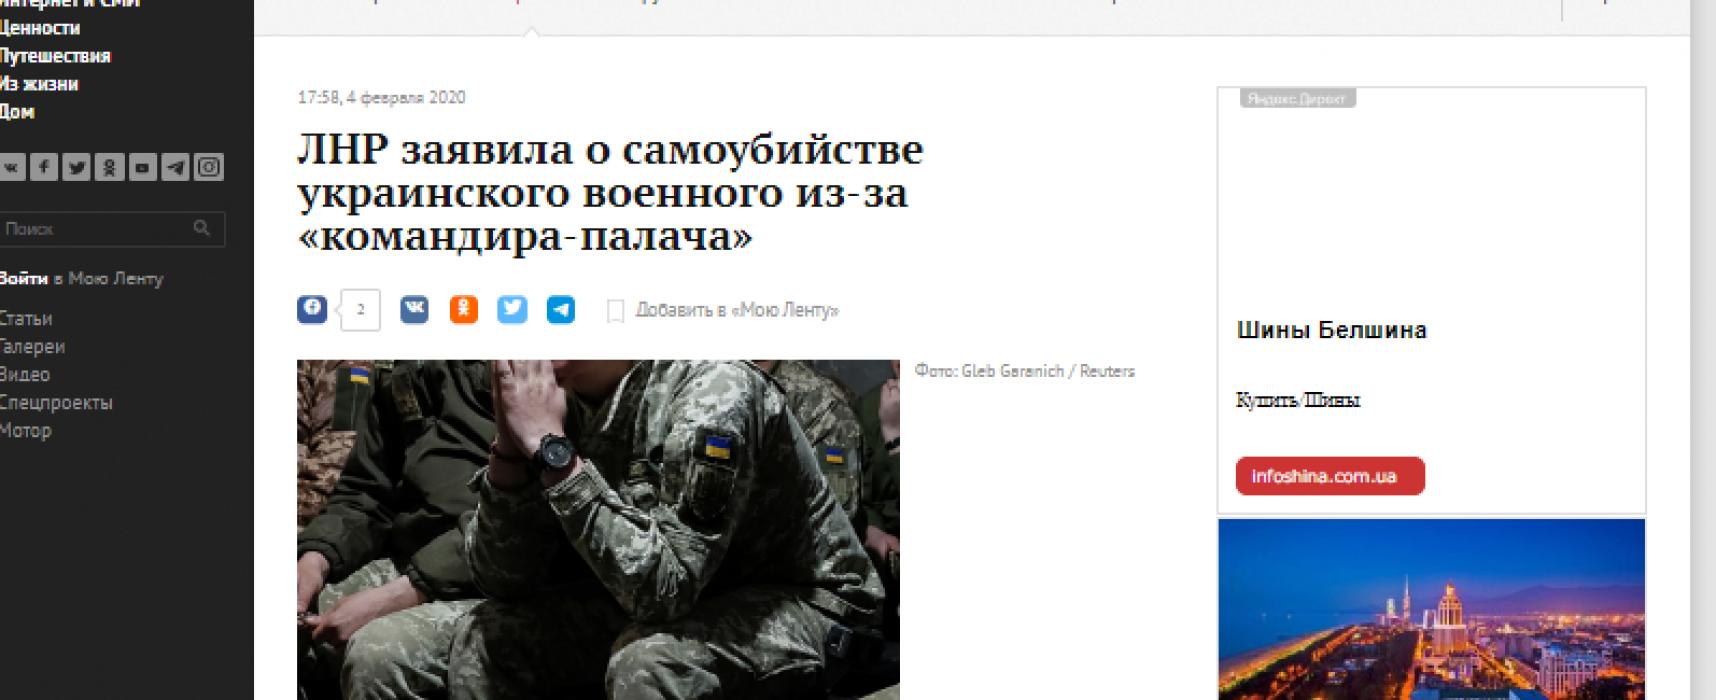 Фейк: боєць української армії скоїв суїцид, щоб не обстрілювати ЛНР